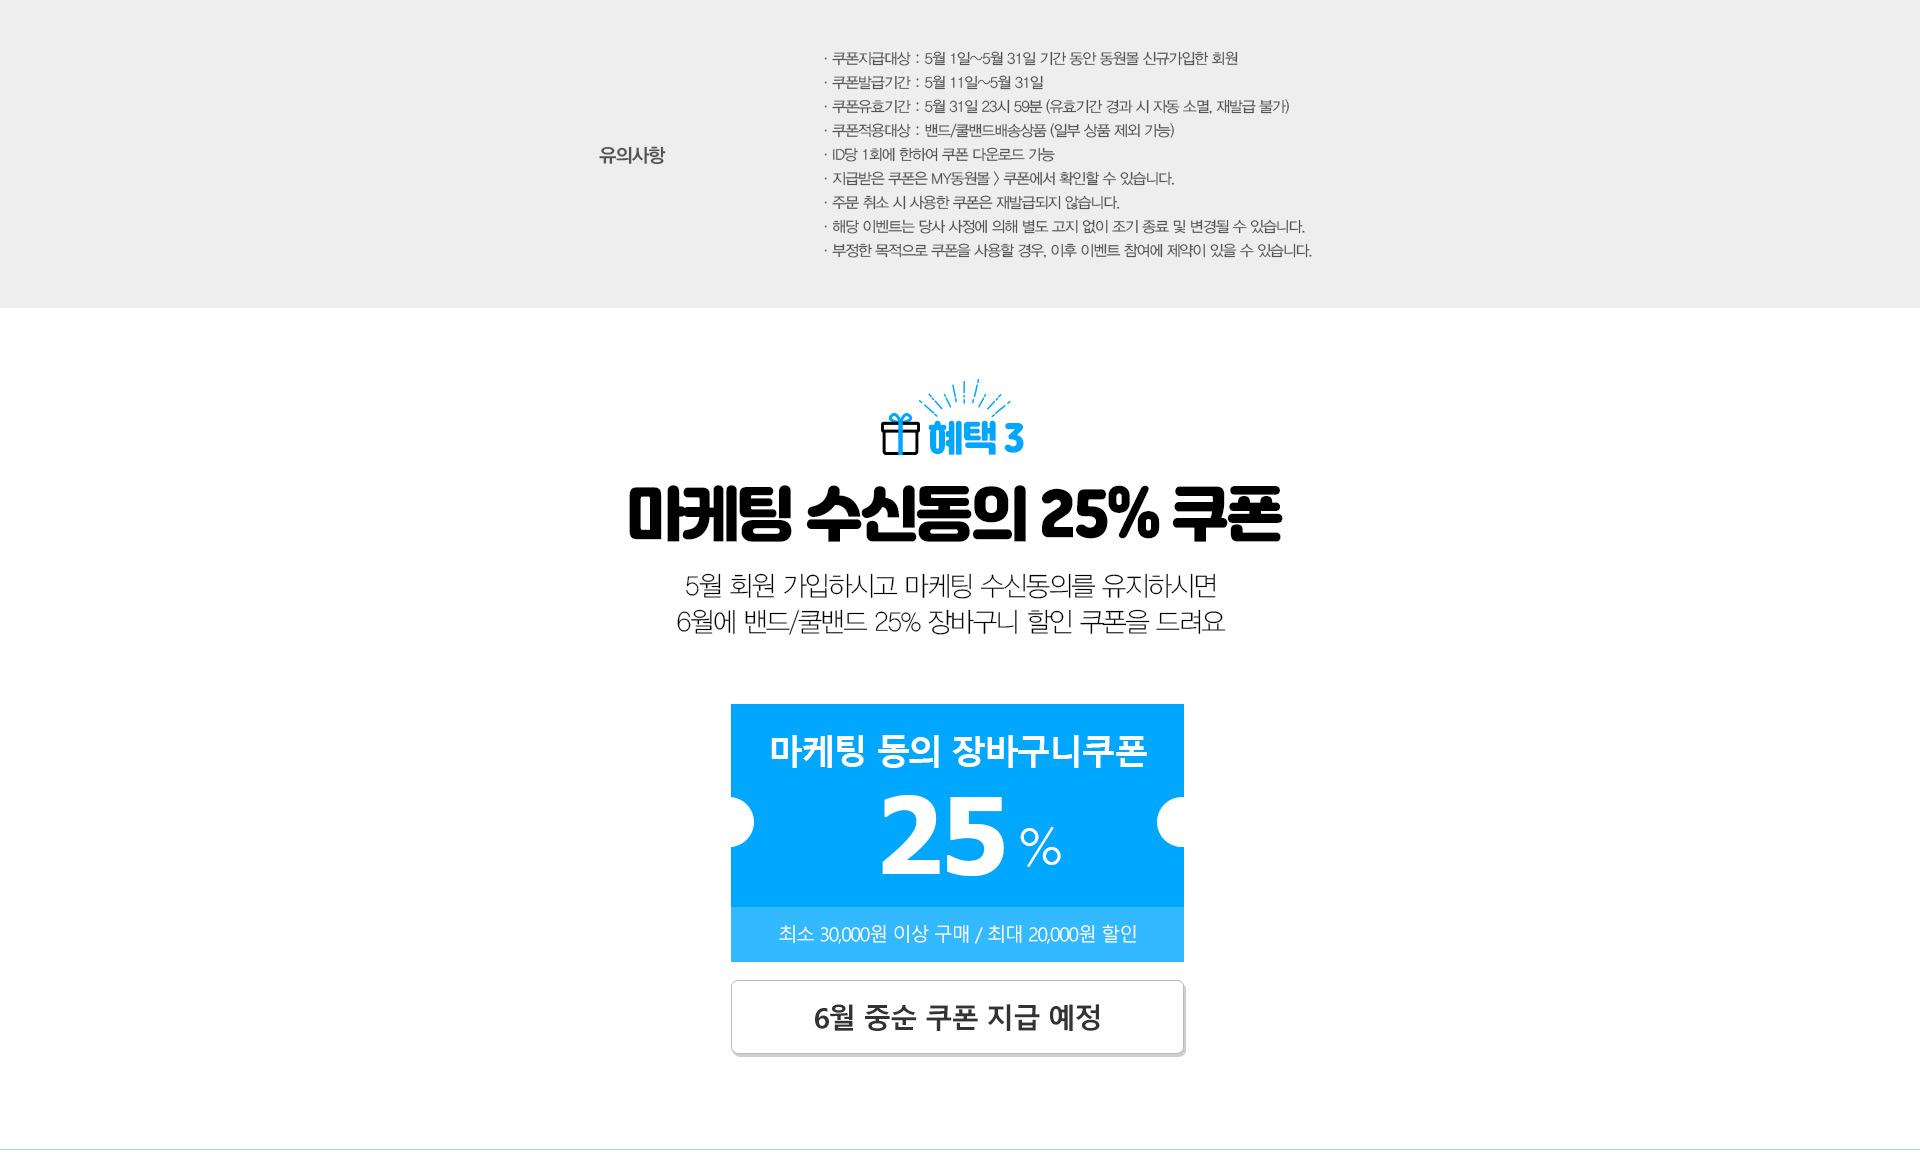 마케팅수신동의25%쿠폰